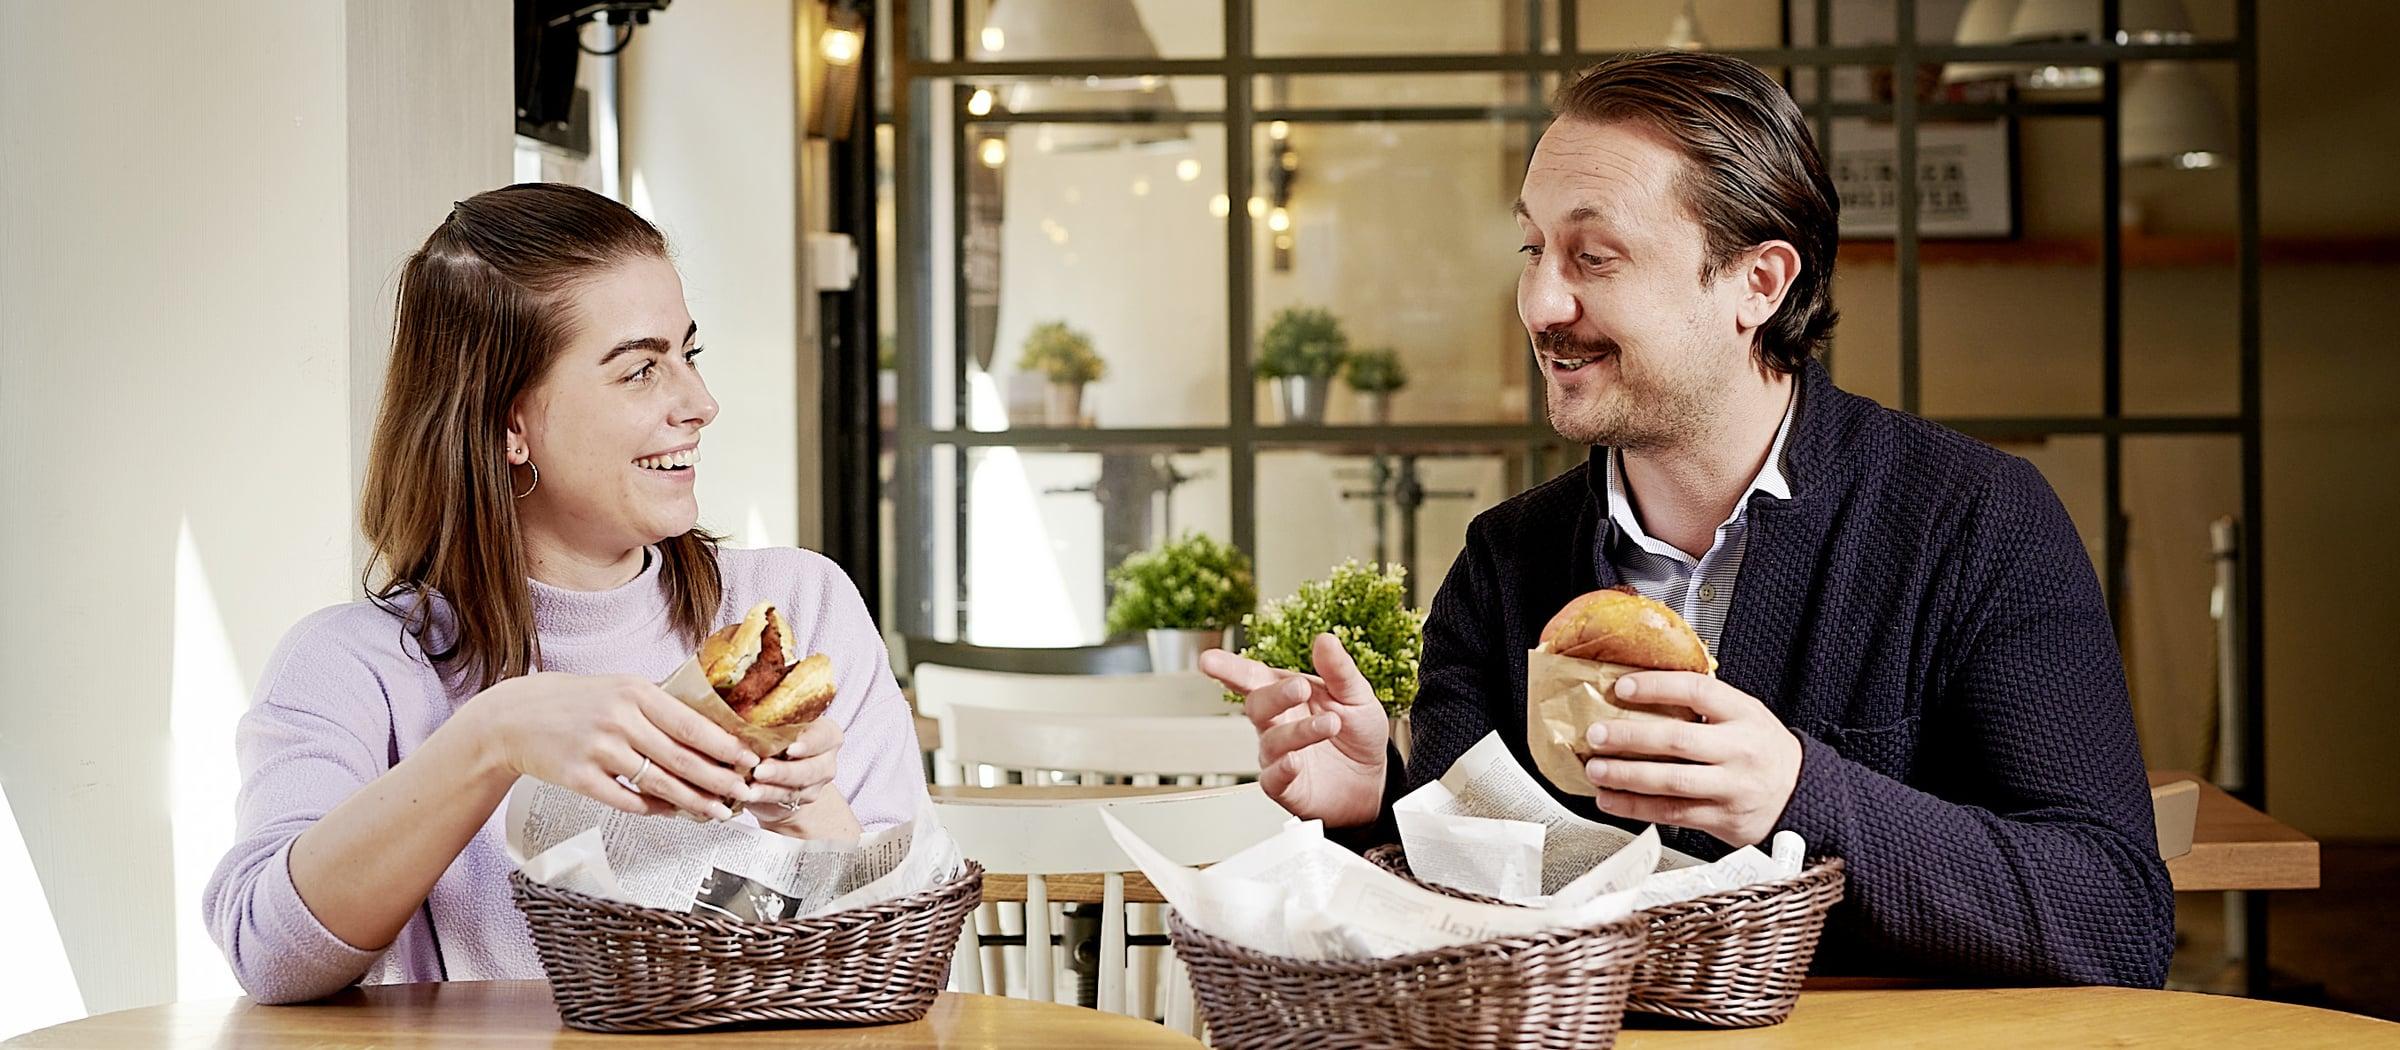 Burgermeister Oberdorf Burger essen